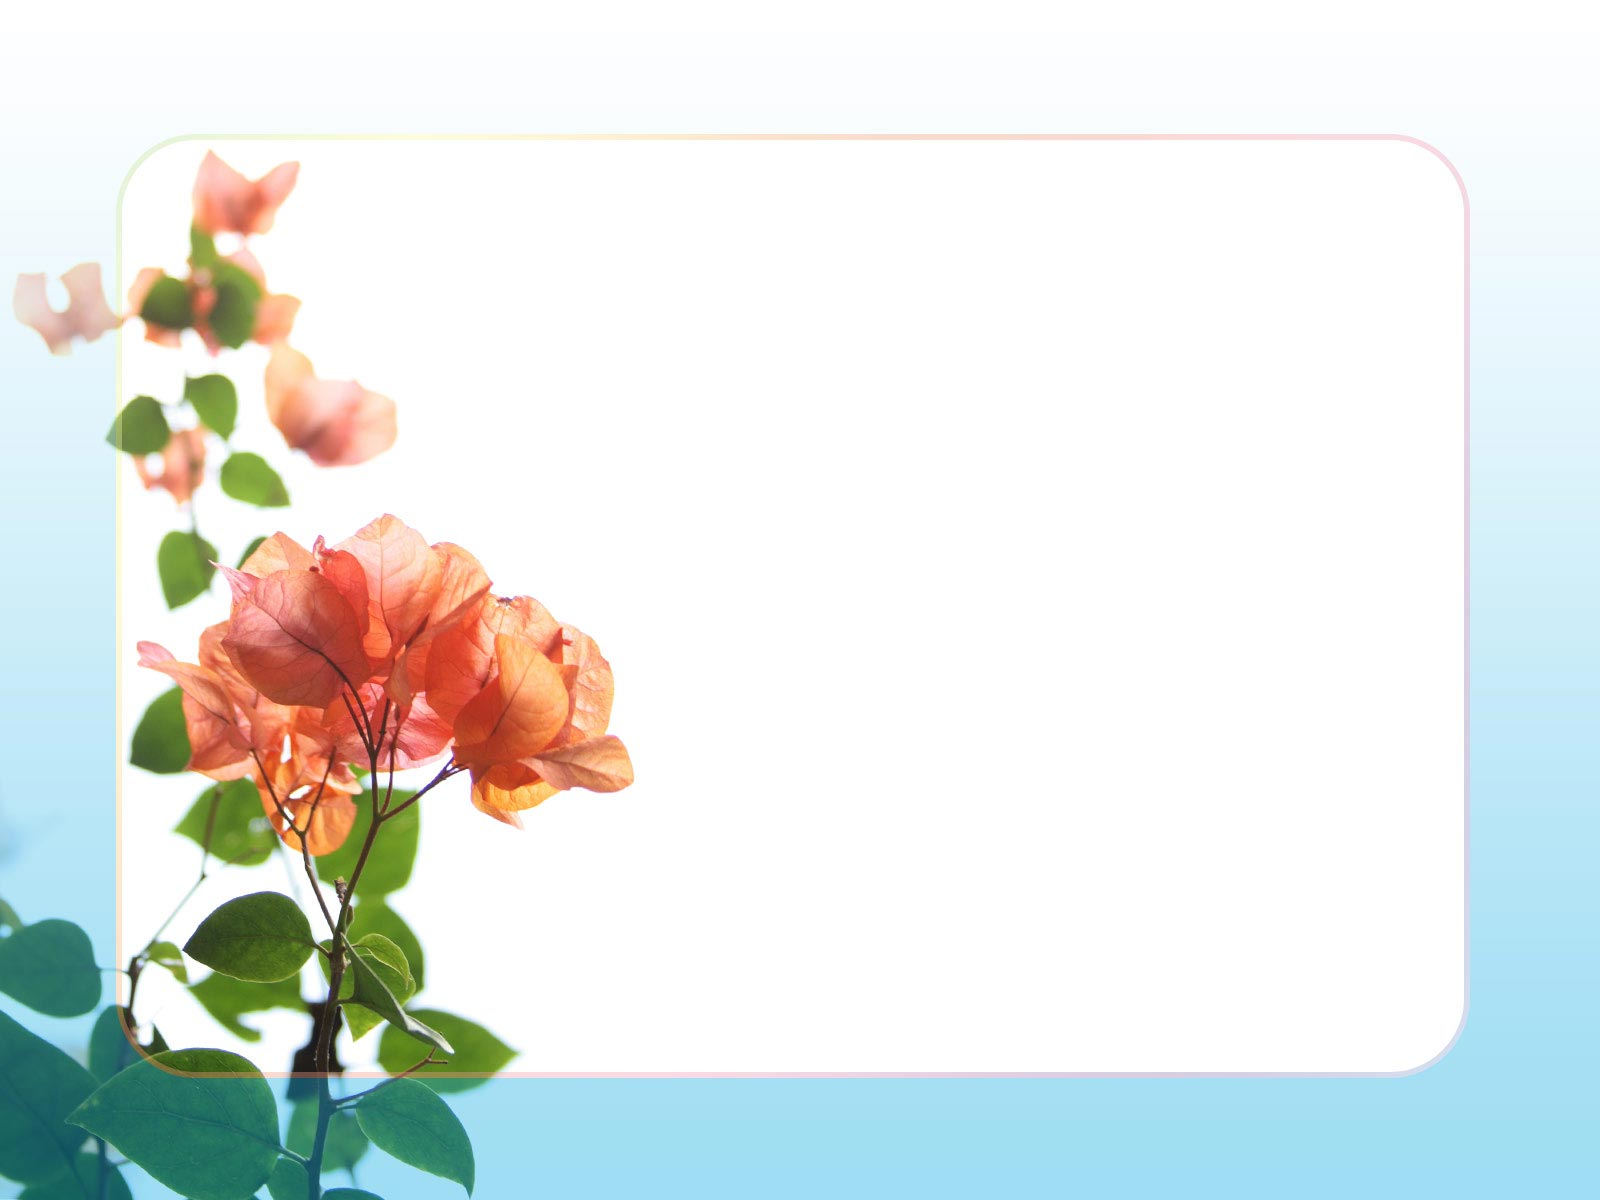 無料で使えるフリー素材 フレーム枠イラスト